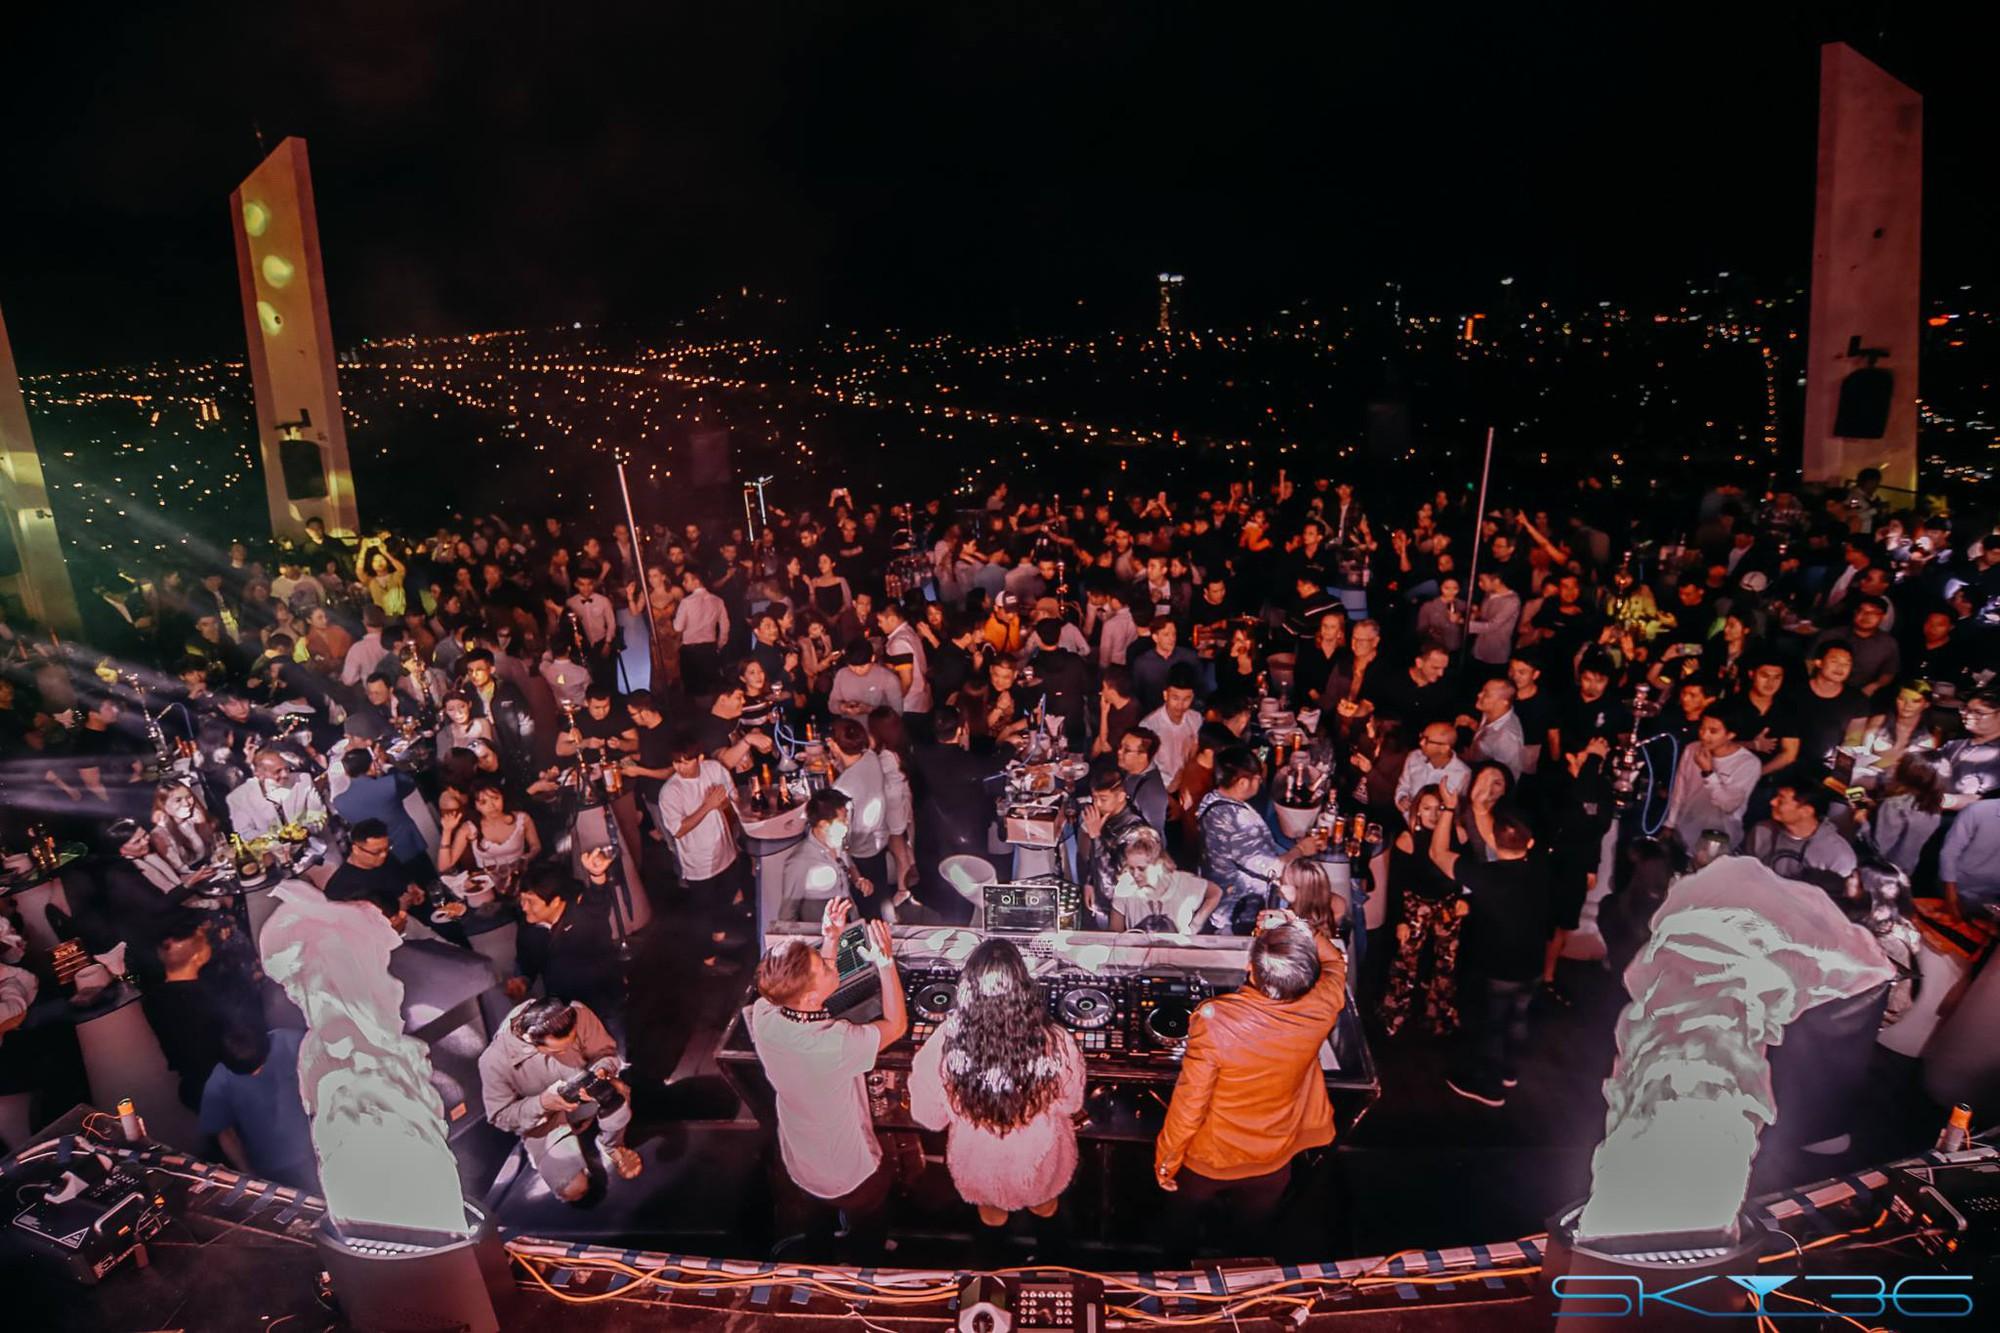 """Valentine nồng cháy cùng DJ Tít trong sự kiện """"Love affair"""" tại Sky36 - Ảnh 4."""